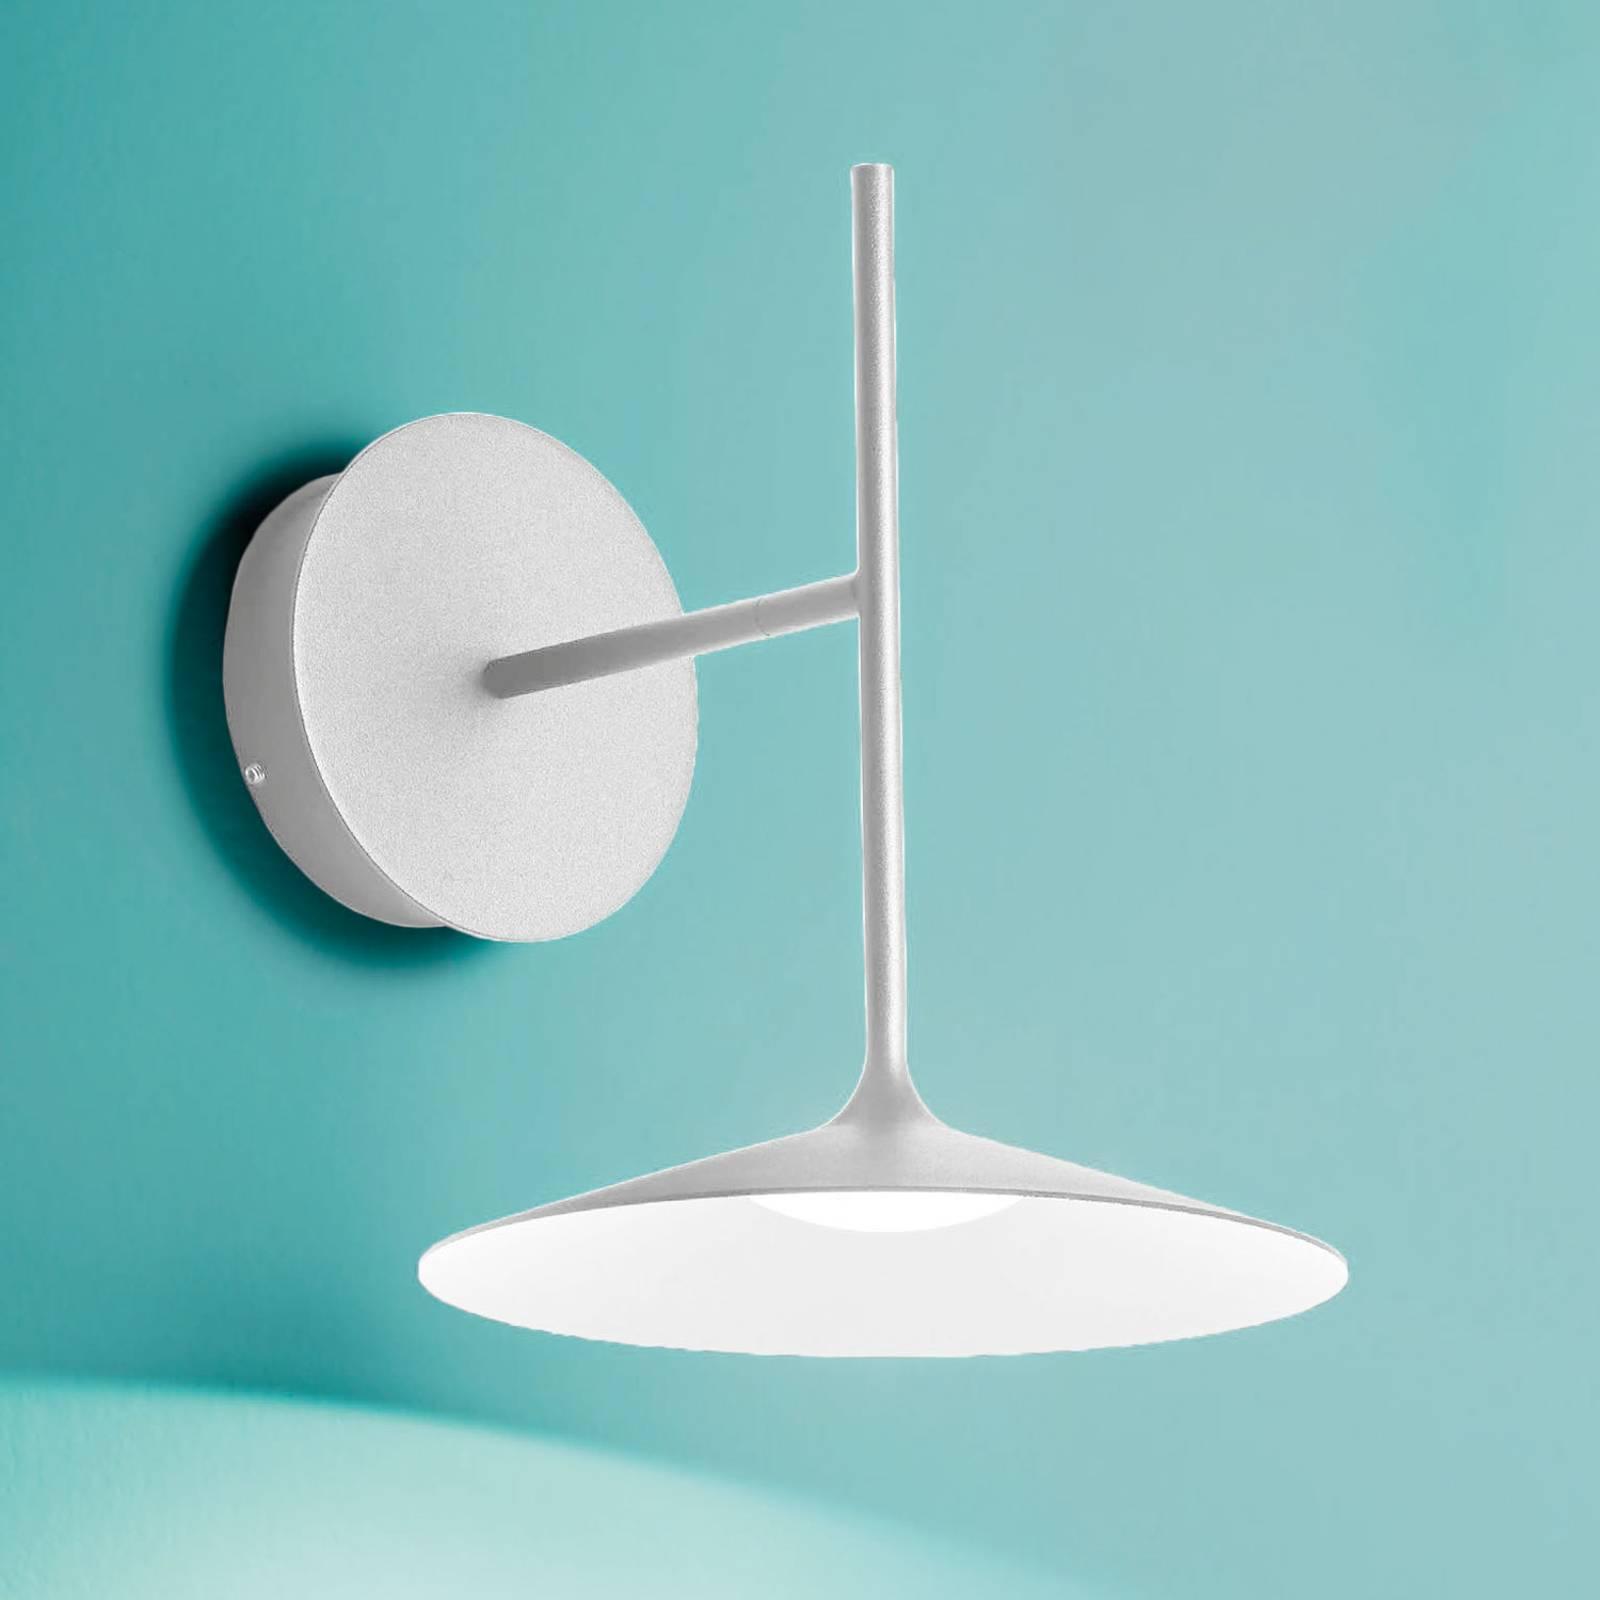 Applique LED Poe Plus, blanche